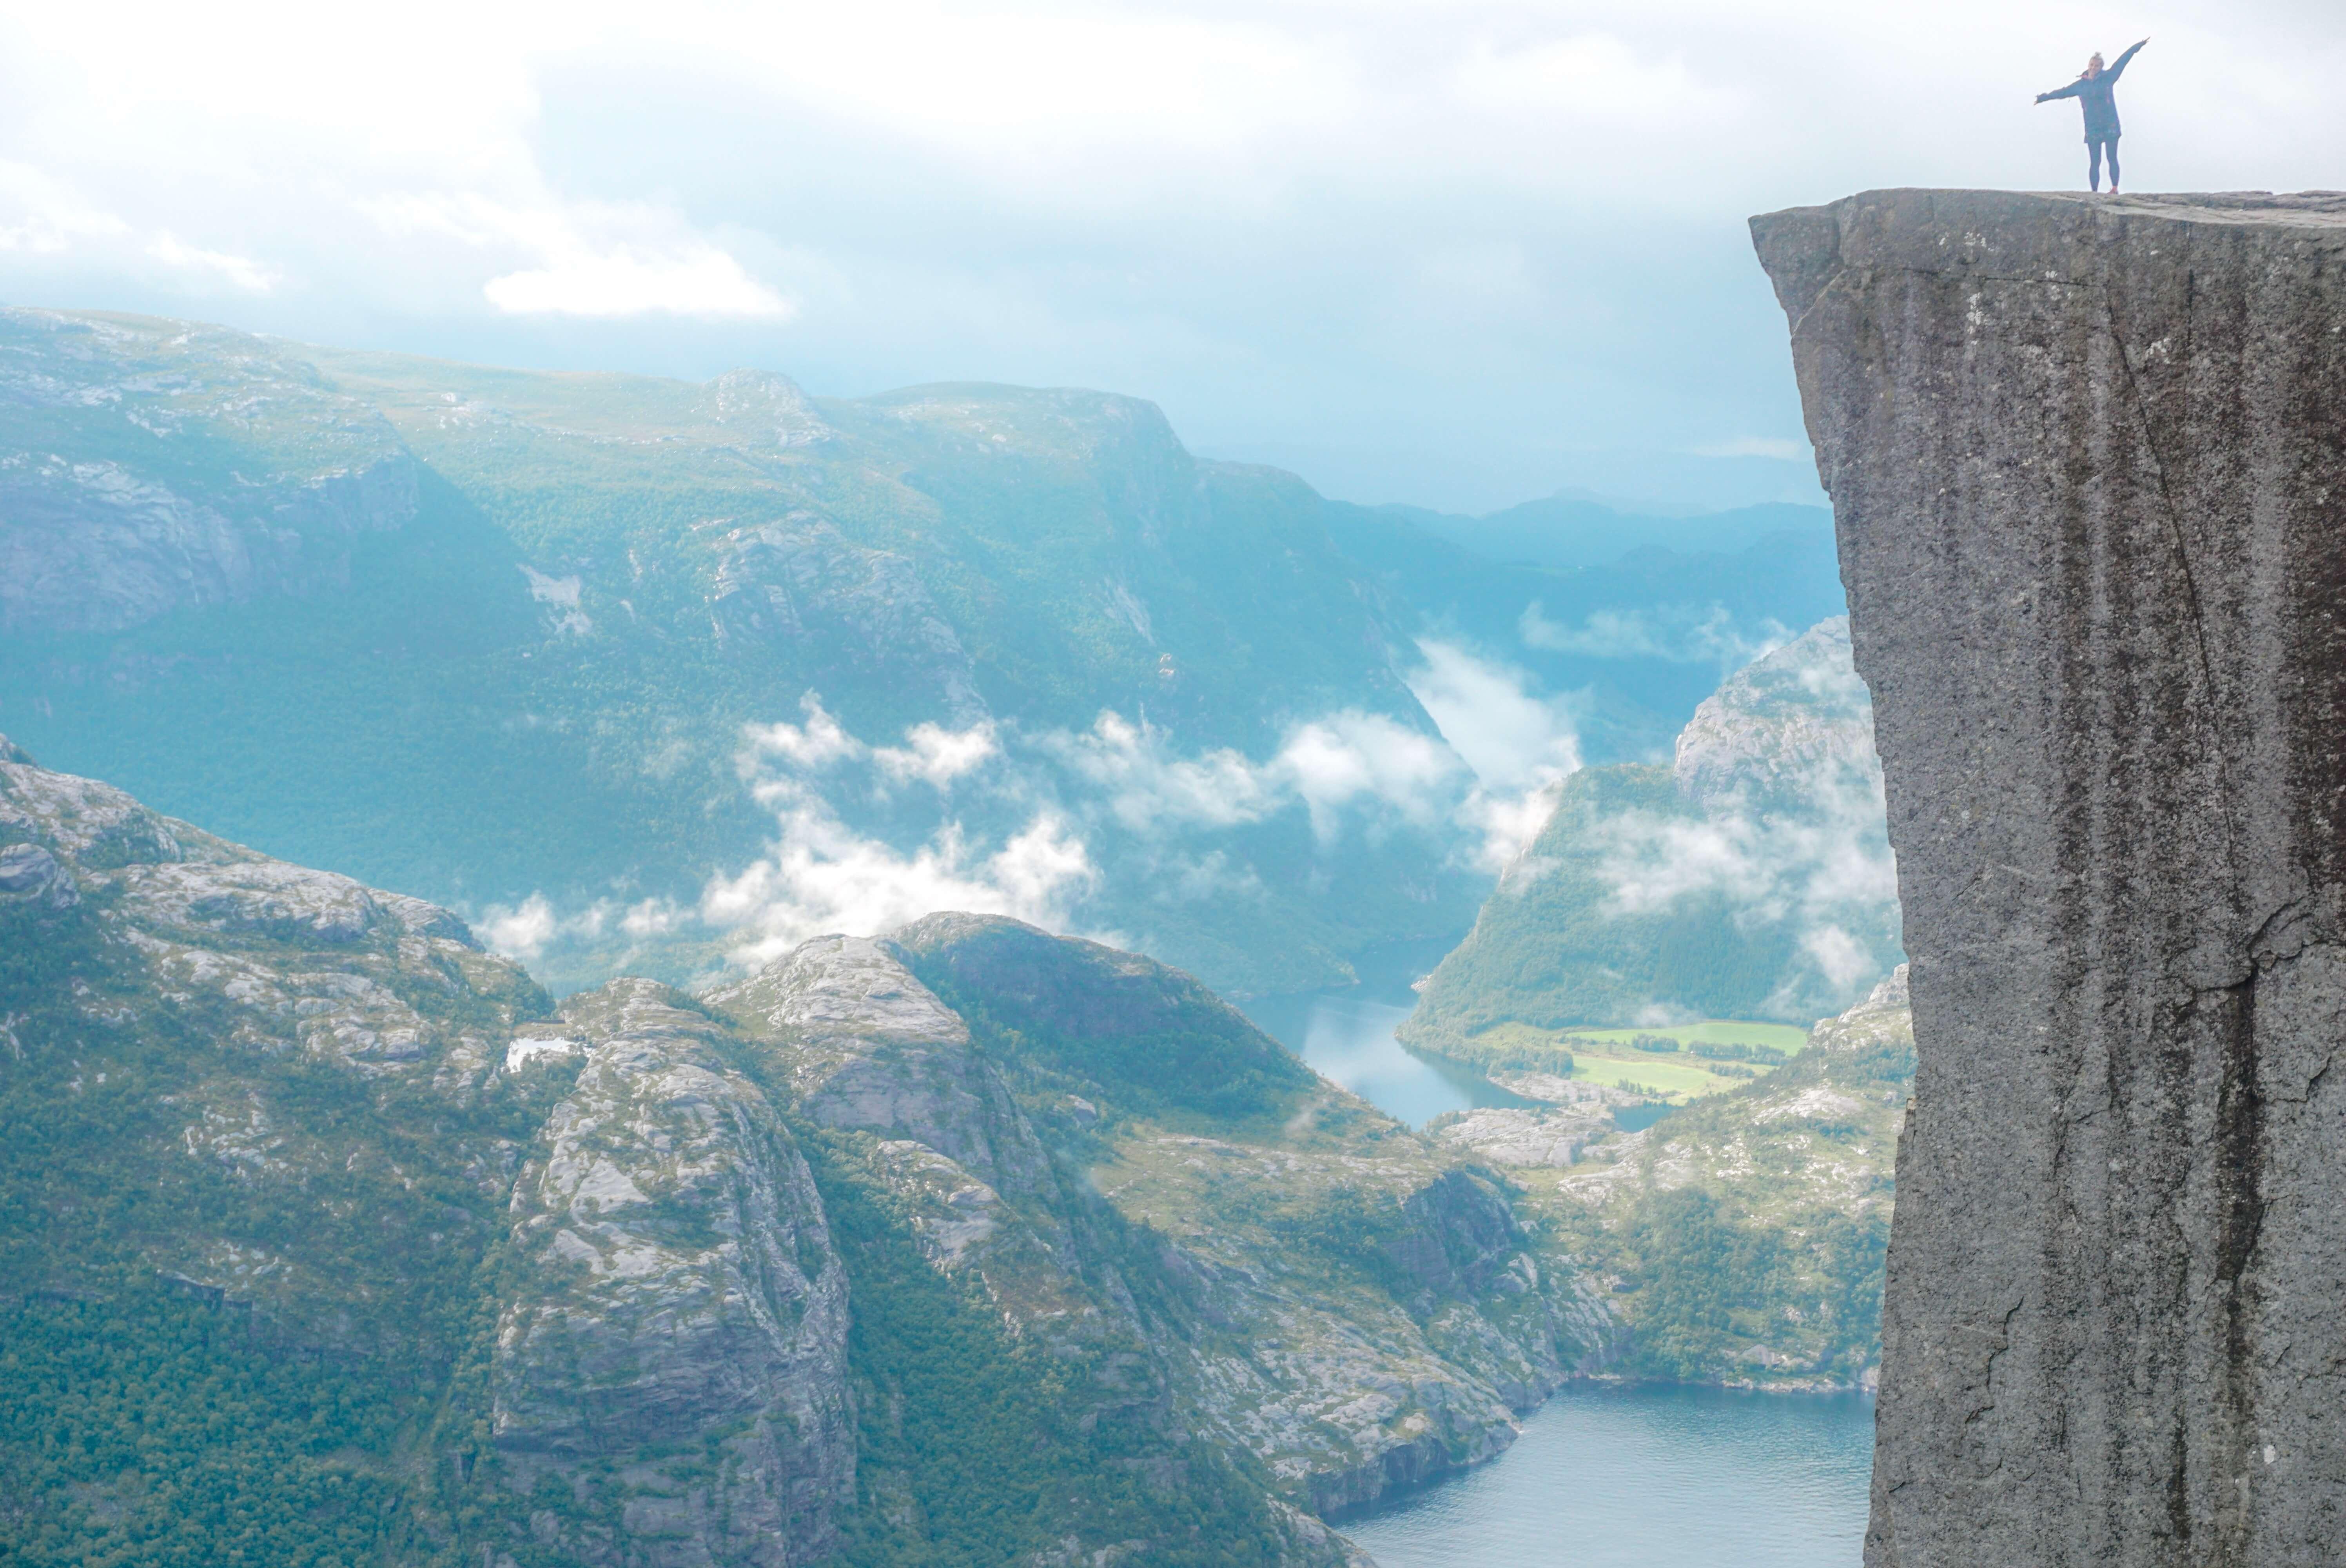 comment faire randonnée preikestolen norvège